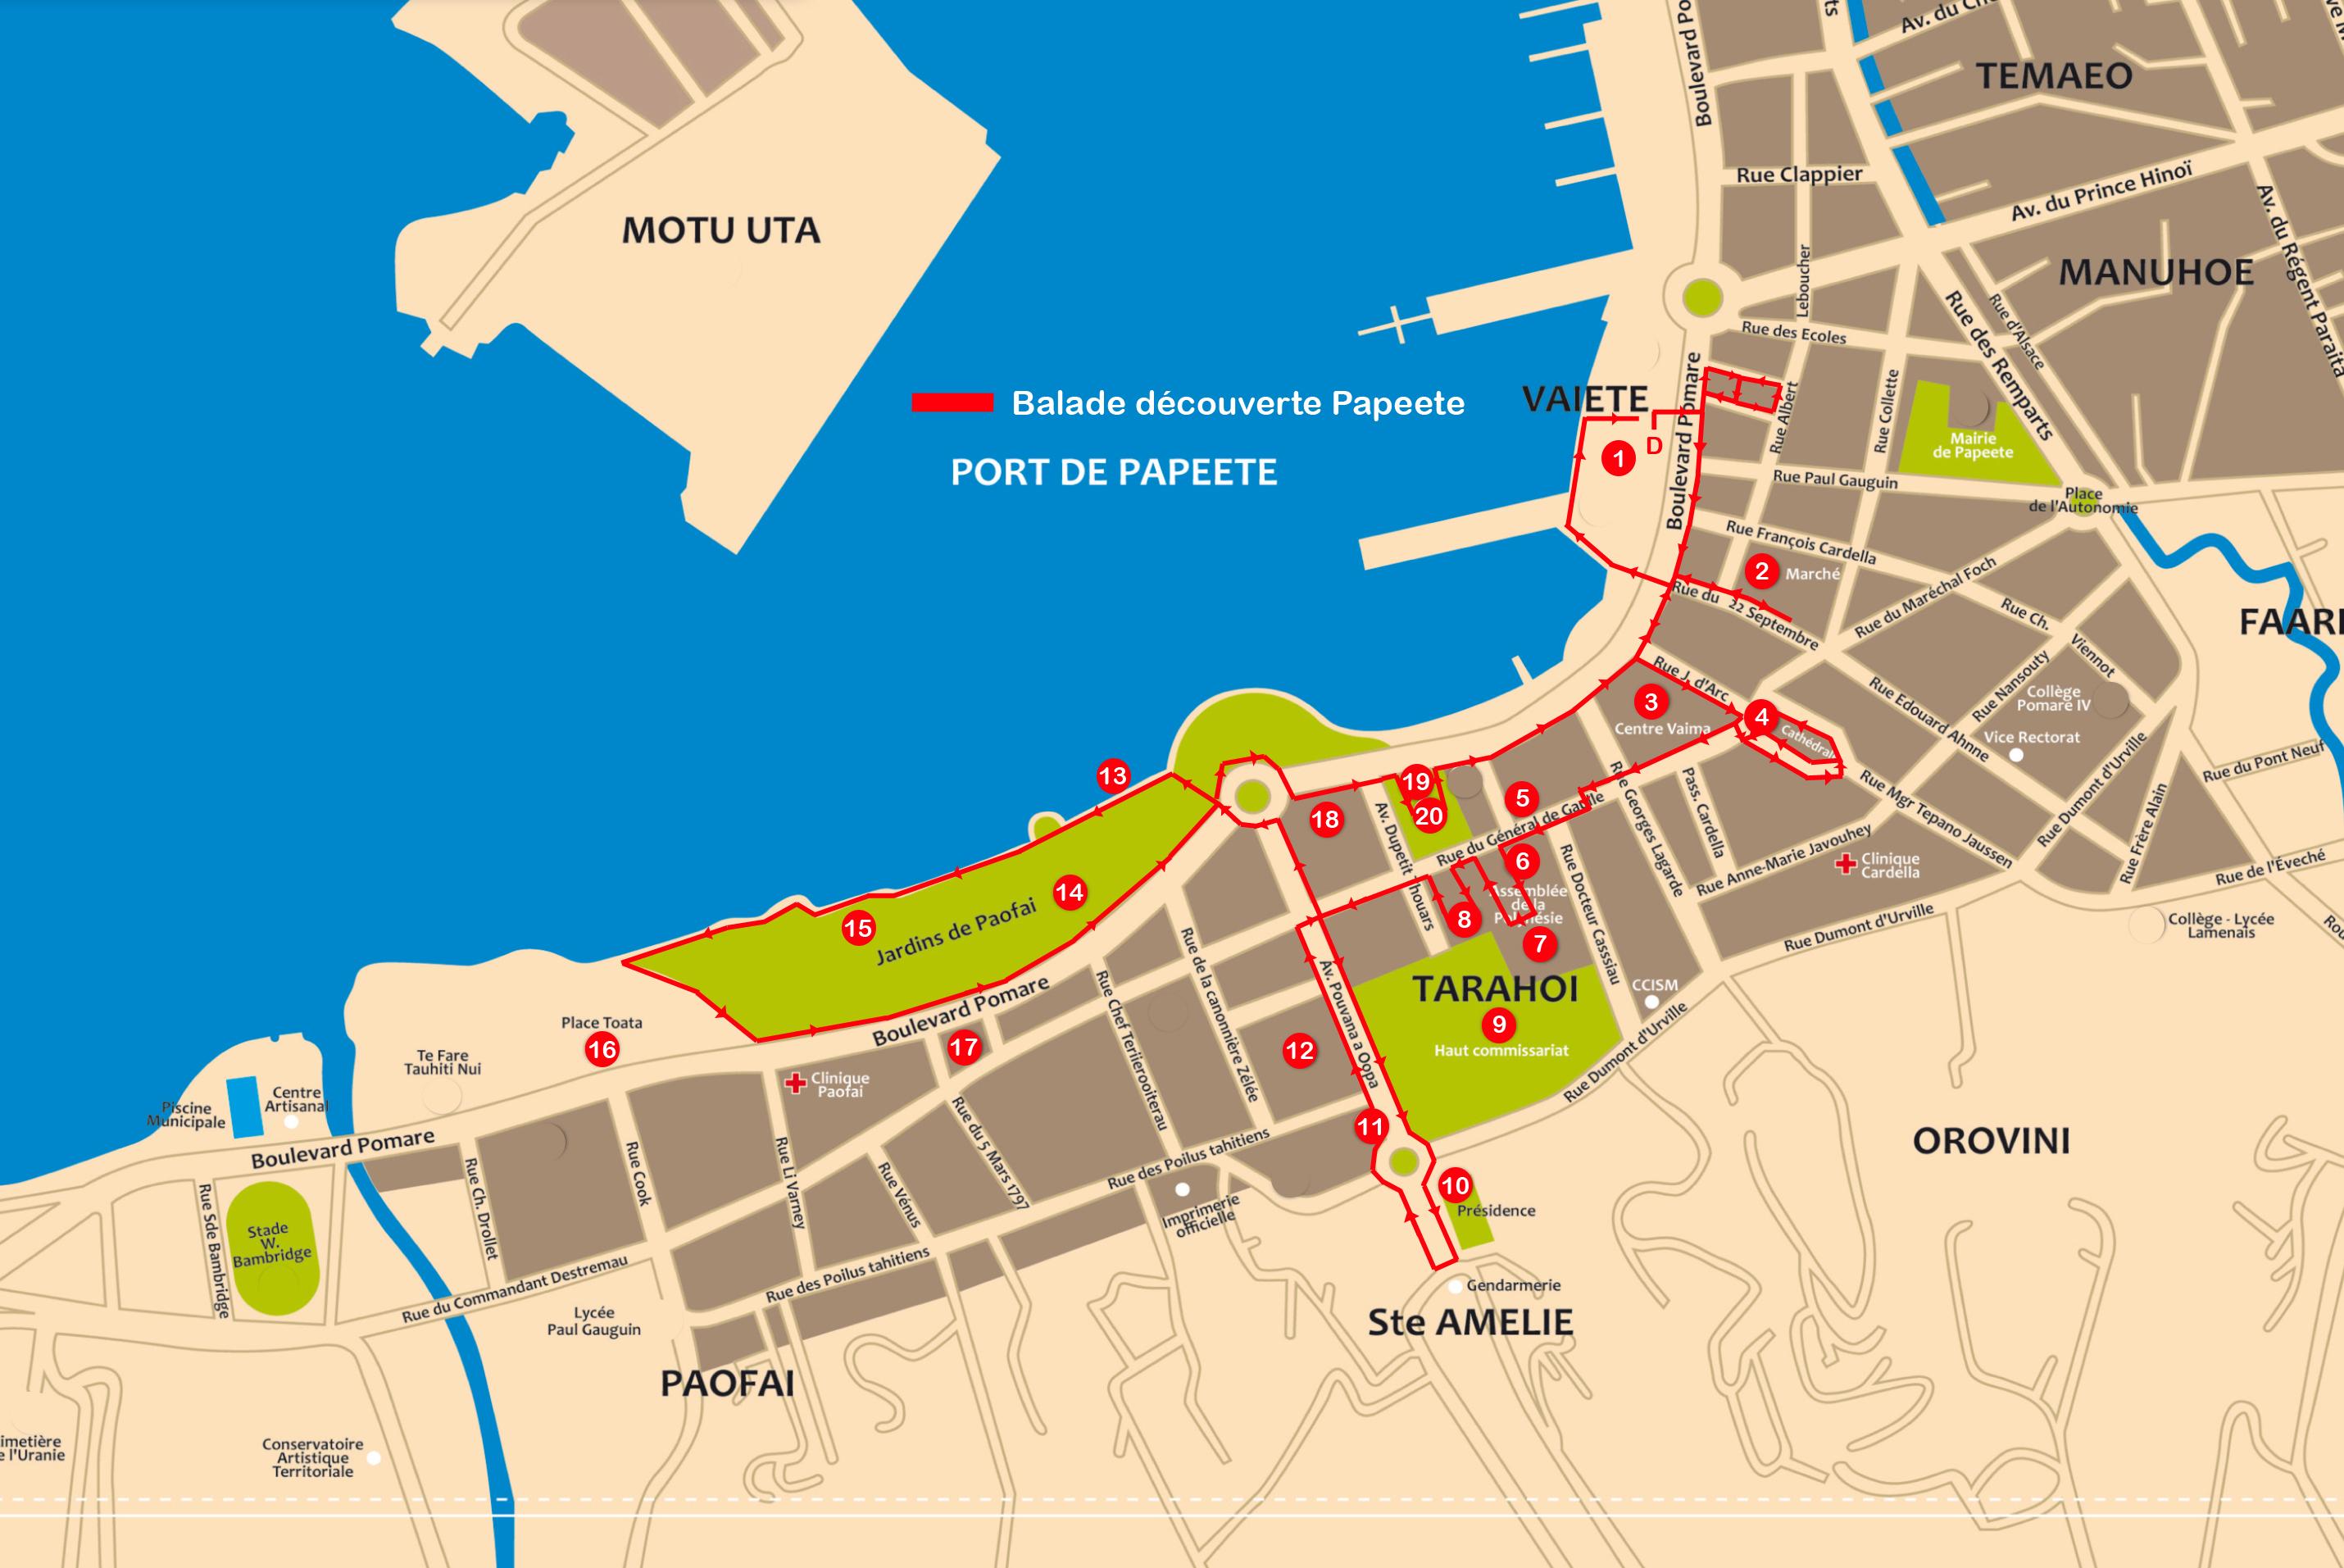 Plan balade découverte de Papeete en Segway